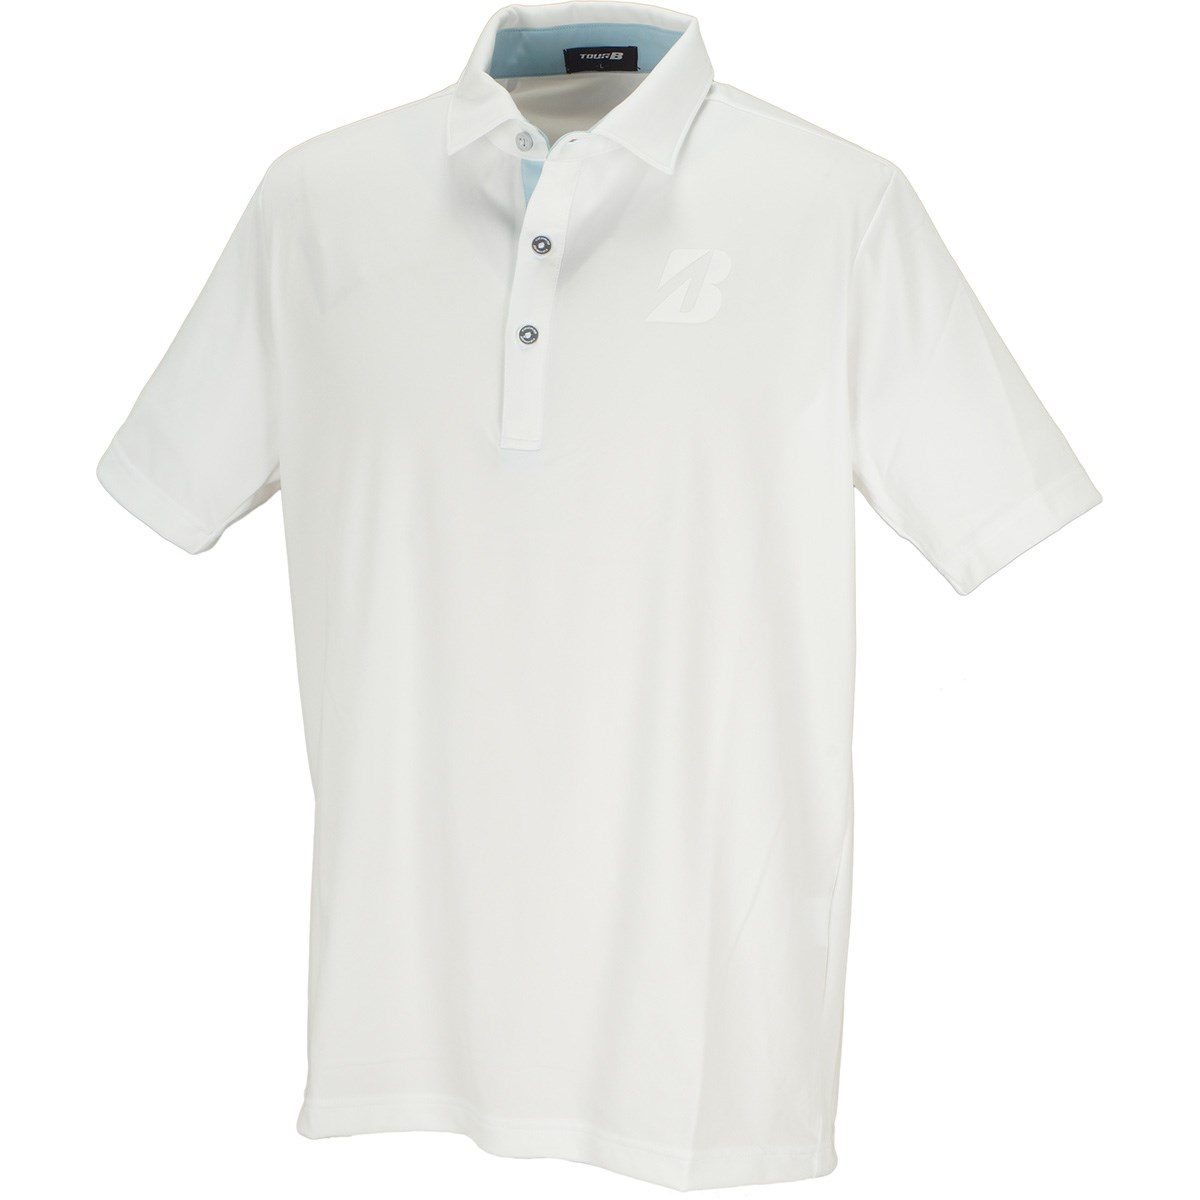 ブリヂストン(BRIDGESTONE GOLF) ストレッチ半袖ポロシャツ